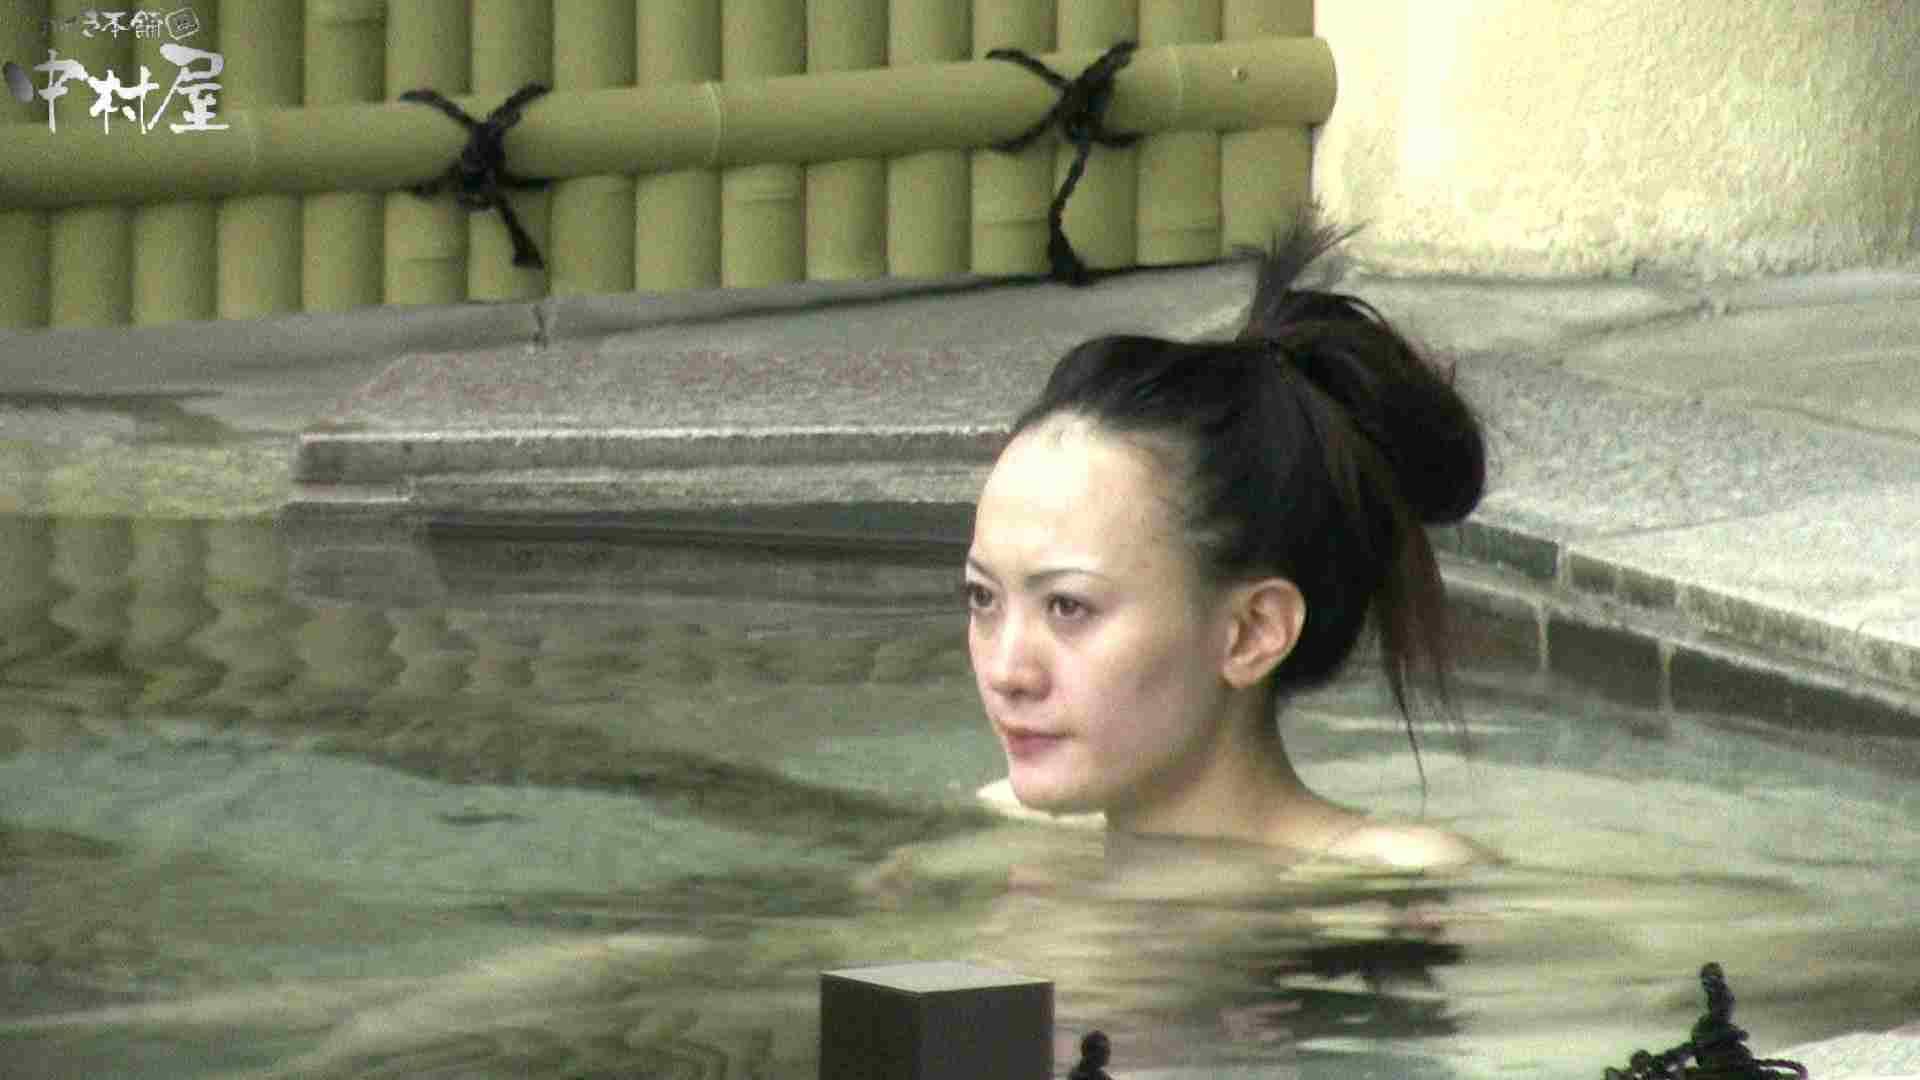 Aquaな露天風呂Vol.900 露天風呂  88連発 27